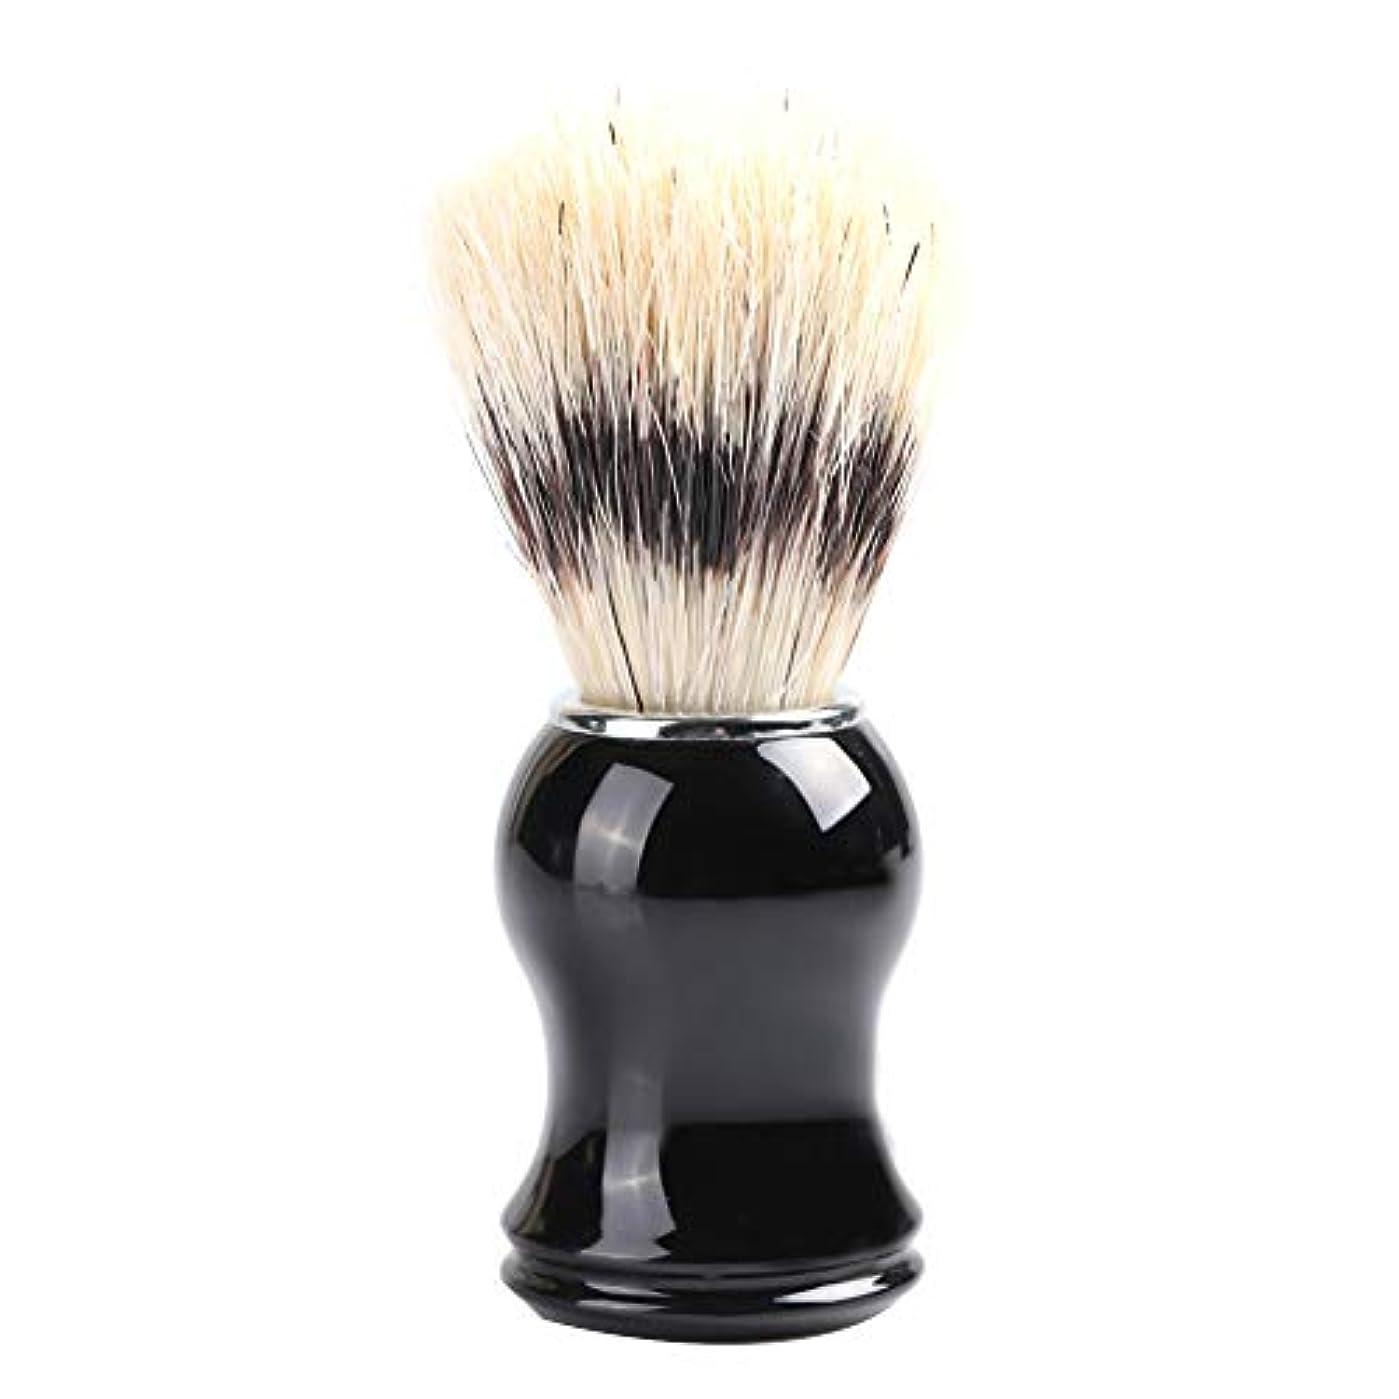 ハンカチ持続的蒸留ひげブラシ 髭剃り メンズ シェービングブラシ 木製コム 毛髭ブラシバッガーヘア シェービングブラシ ポータブルひげ剃り美容(ナイロン)